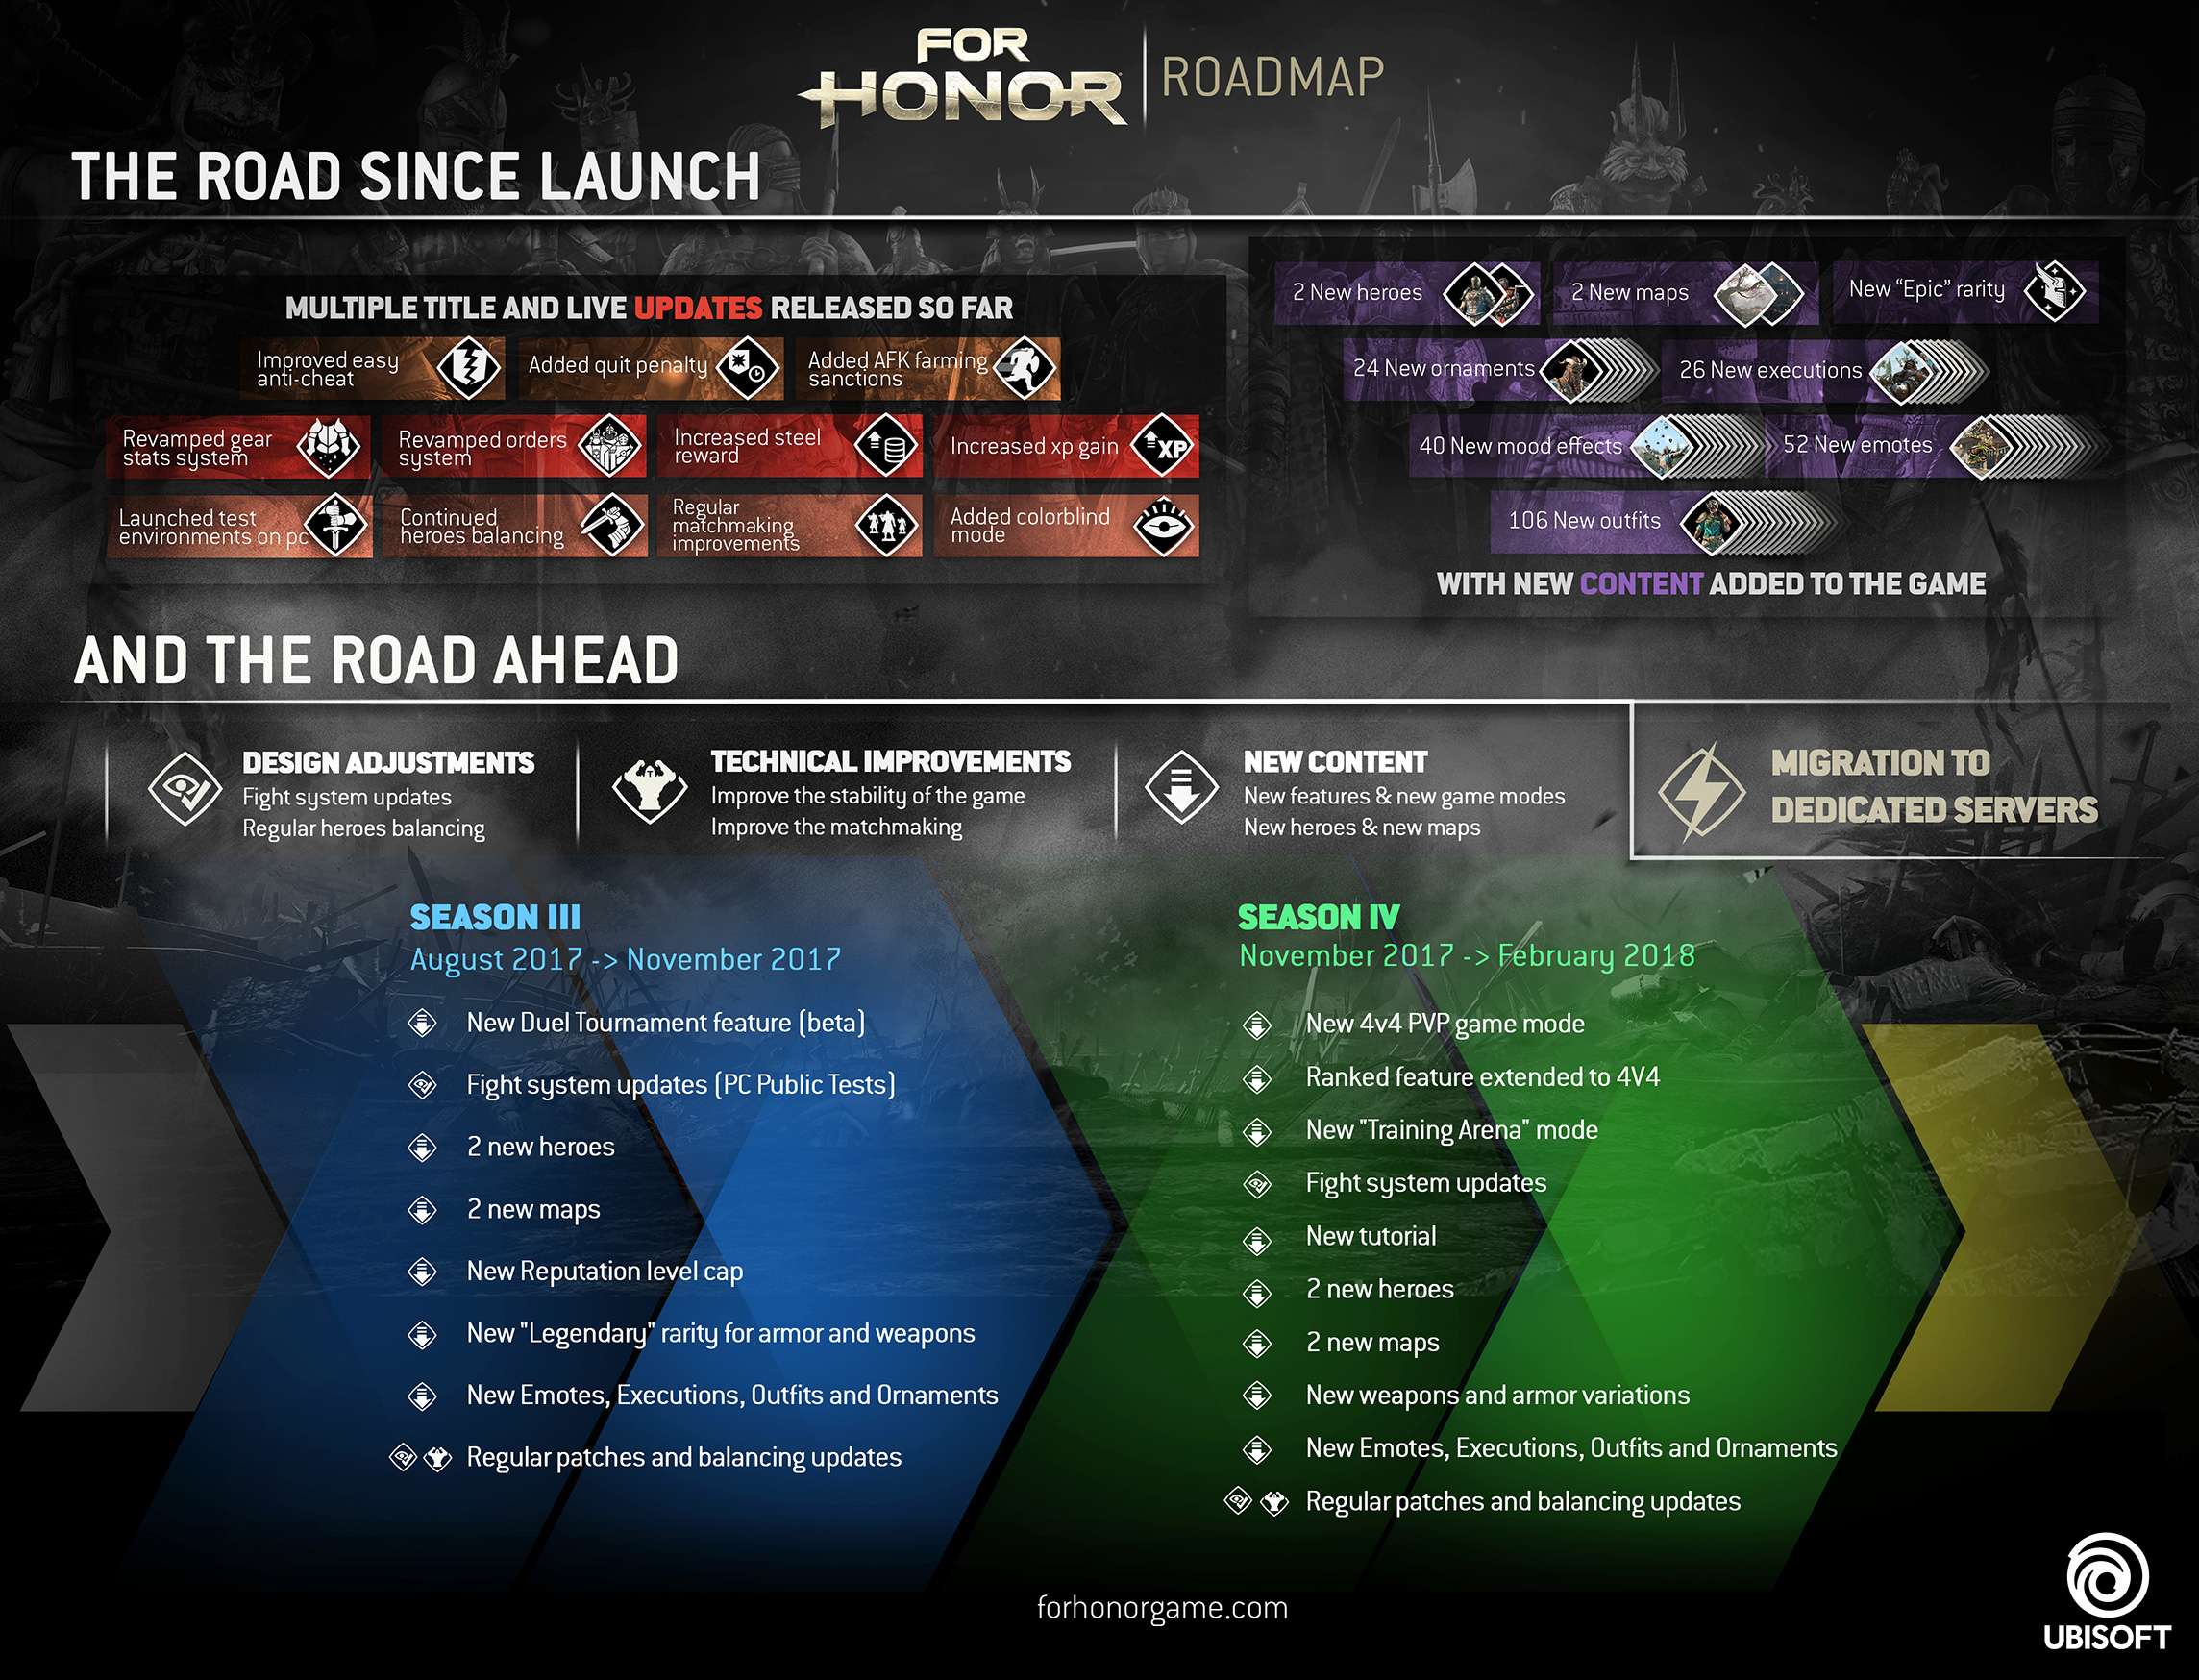 fh_roadmap_all_v7